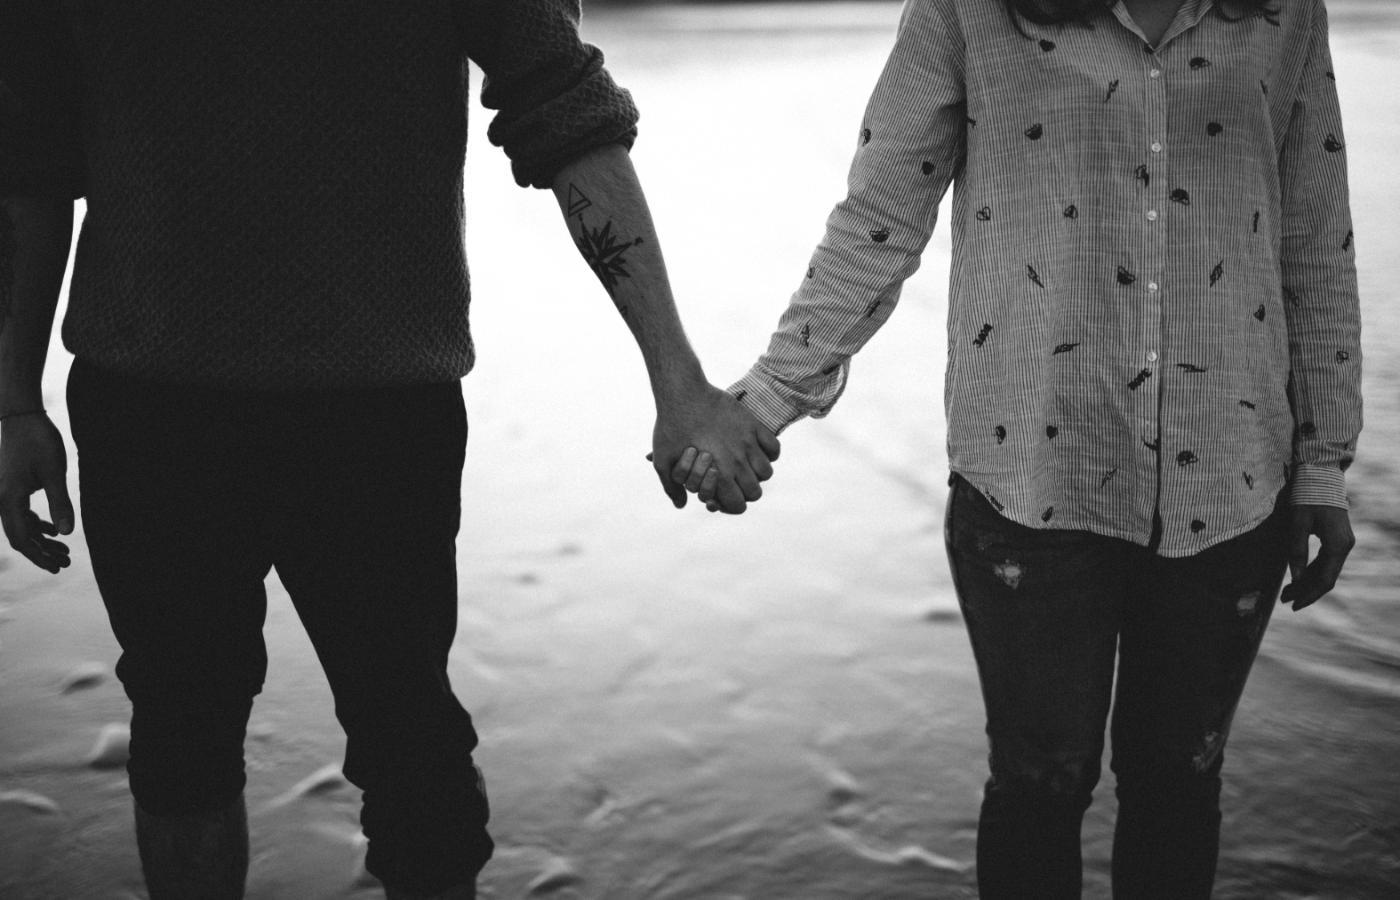 Spotykanie się z kimś, kto miał historię wykorzystywania seksualnego